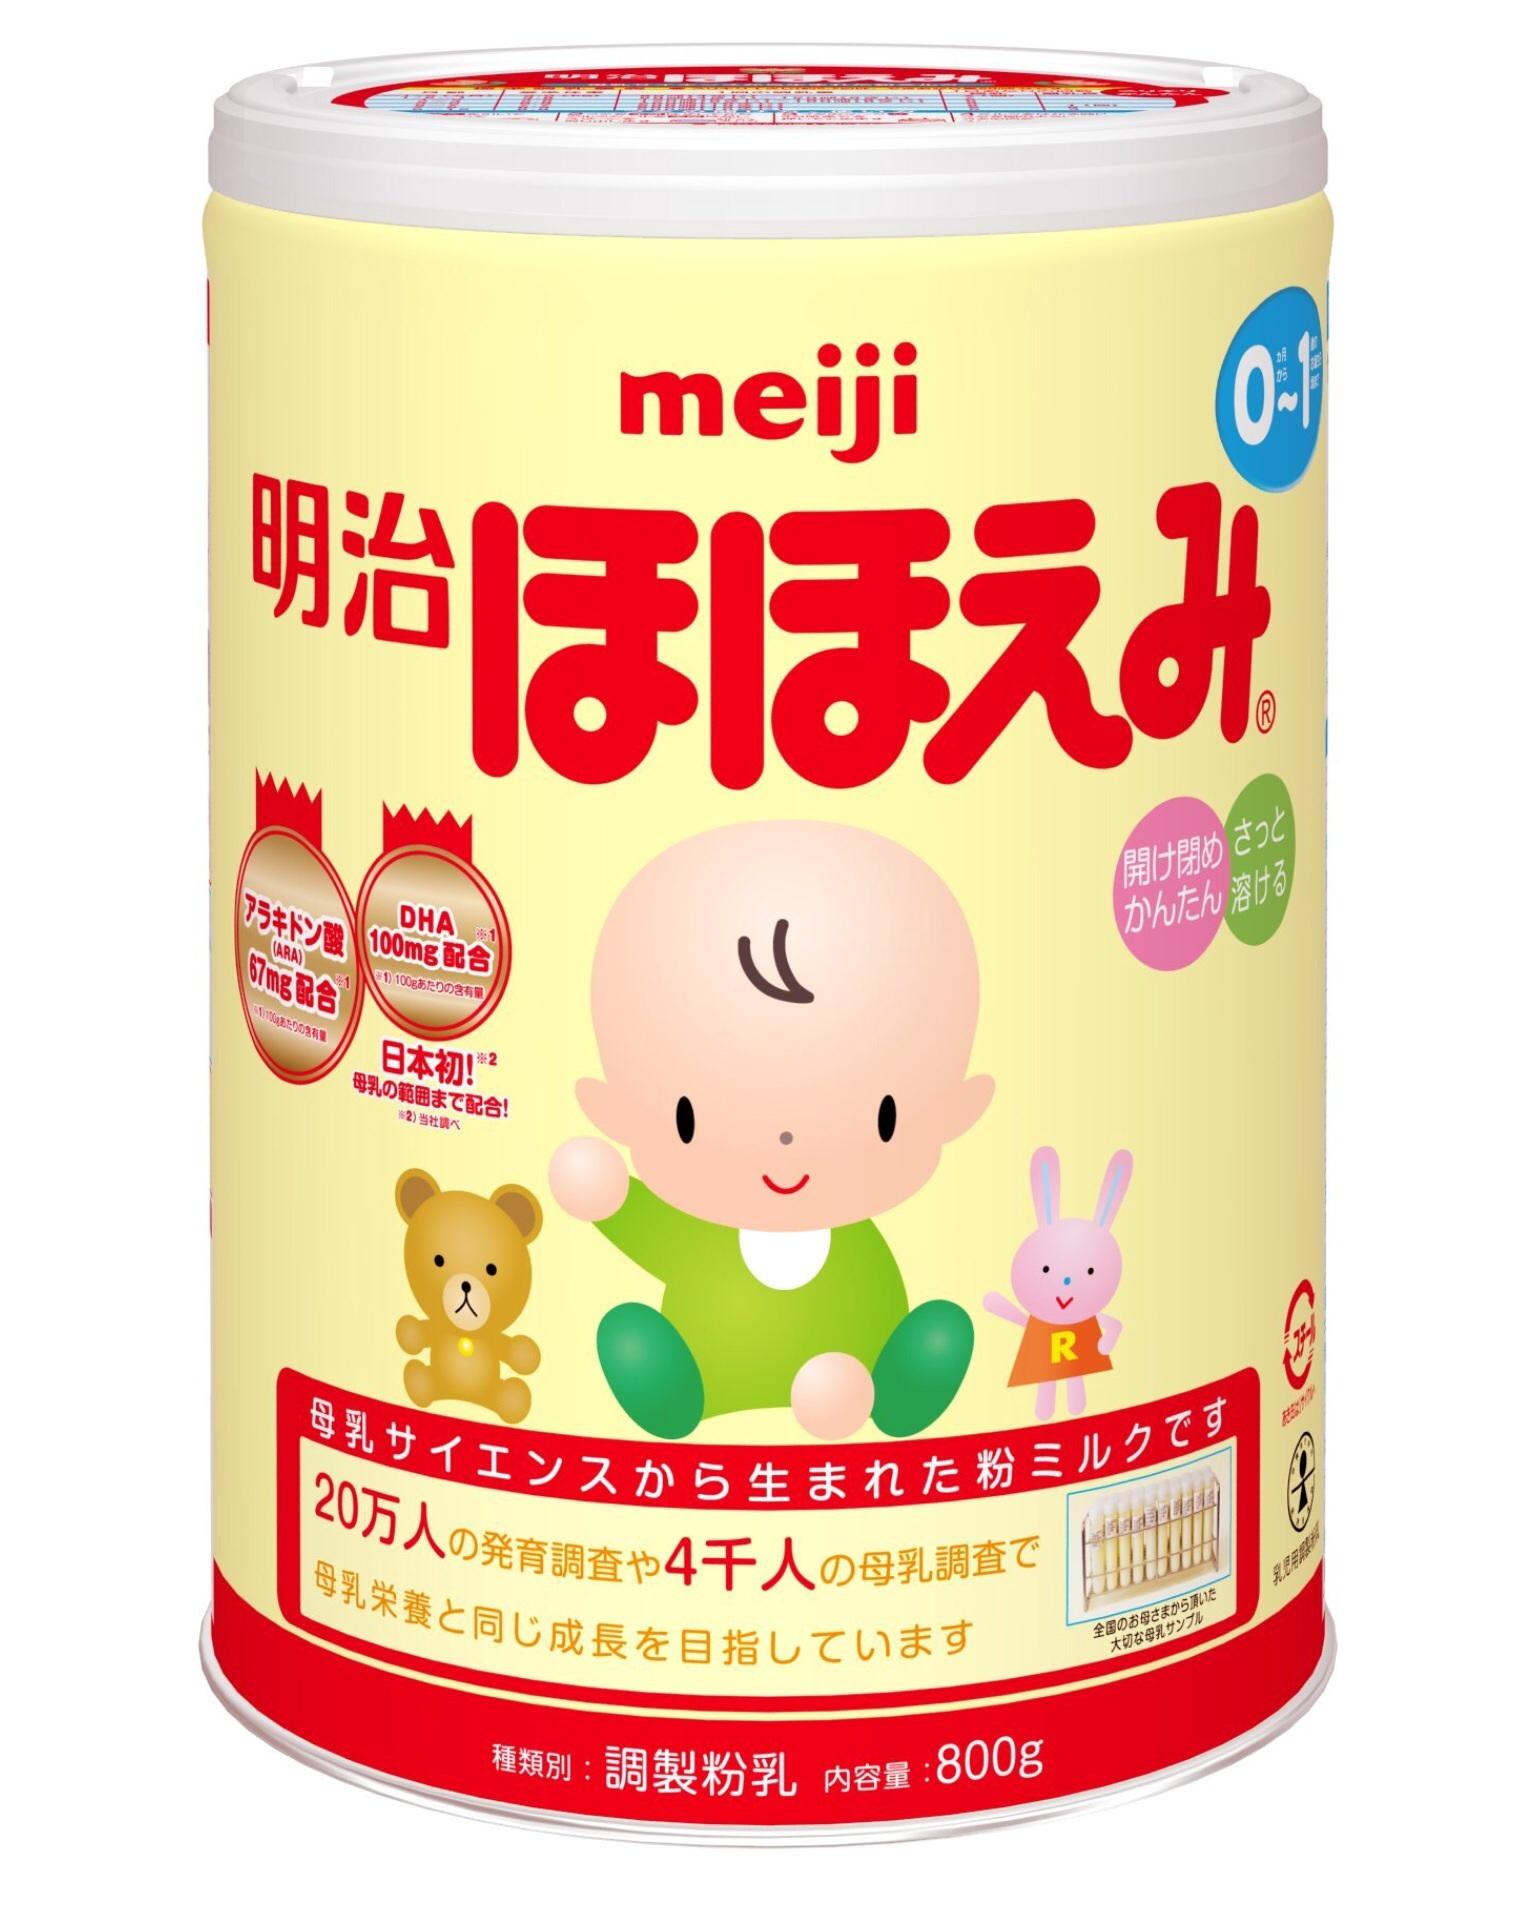 品牌:meiji/明治